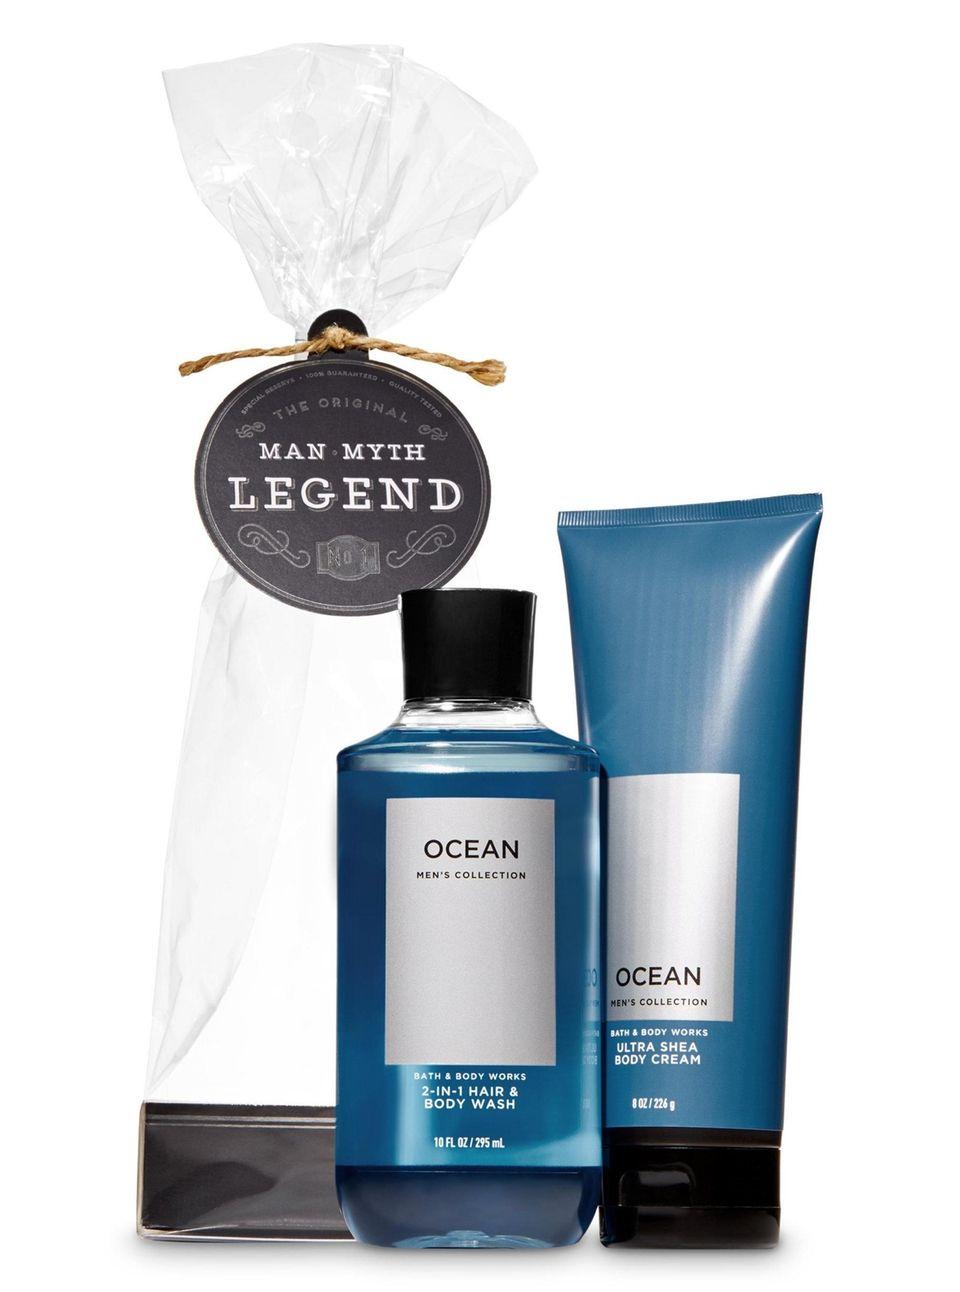 The Man, Myth, Legend gift set includes shower